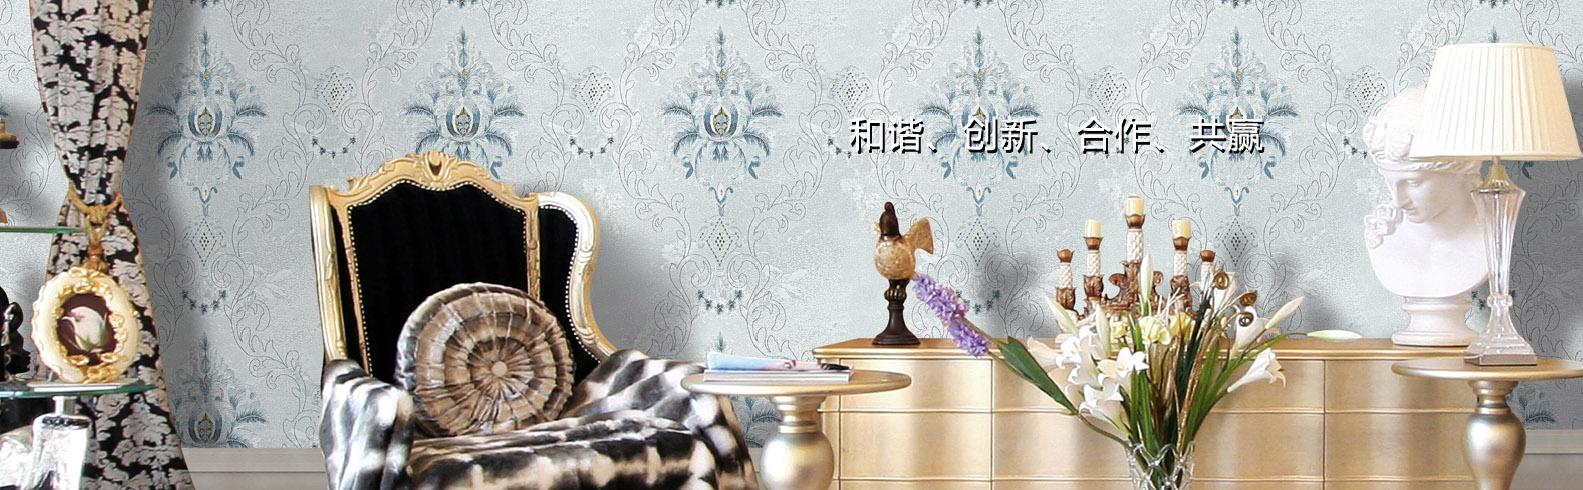 绣宫纺织装饰品